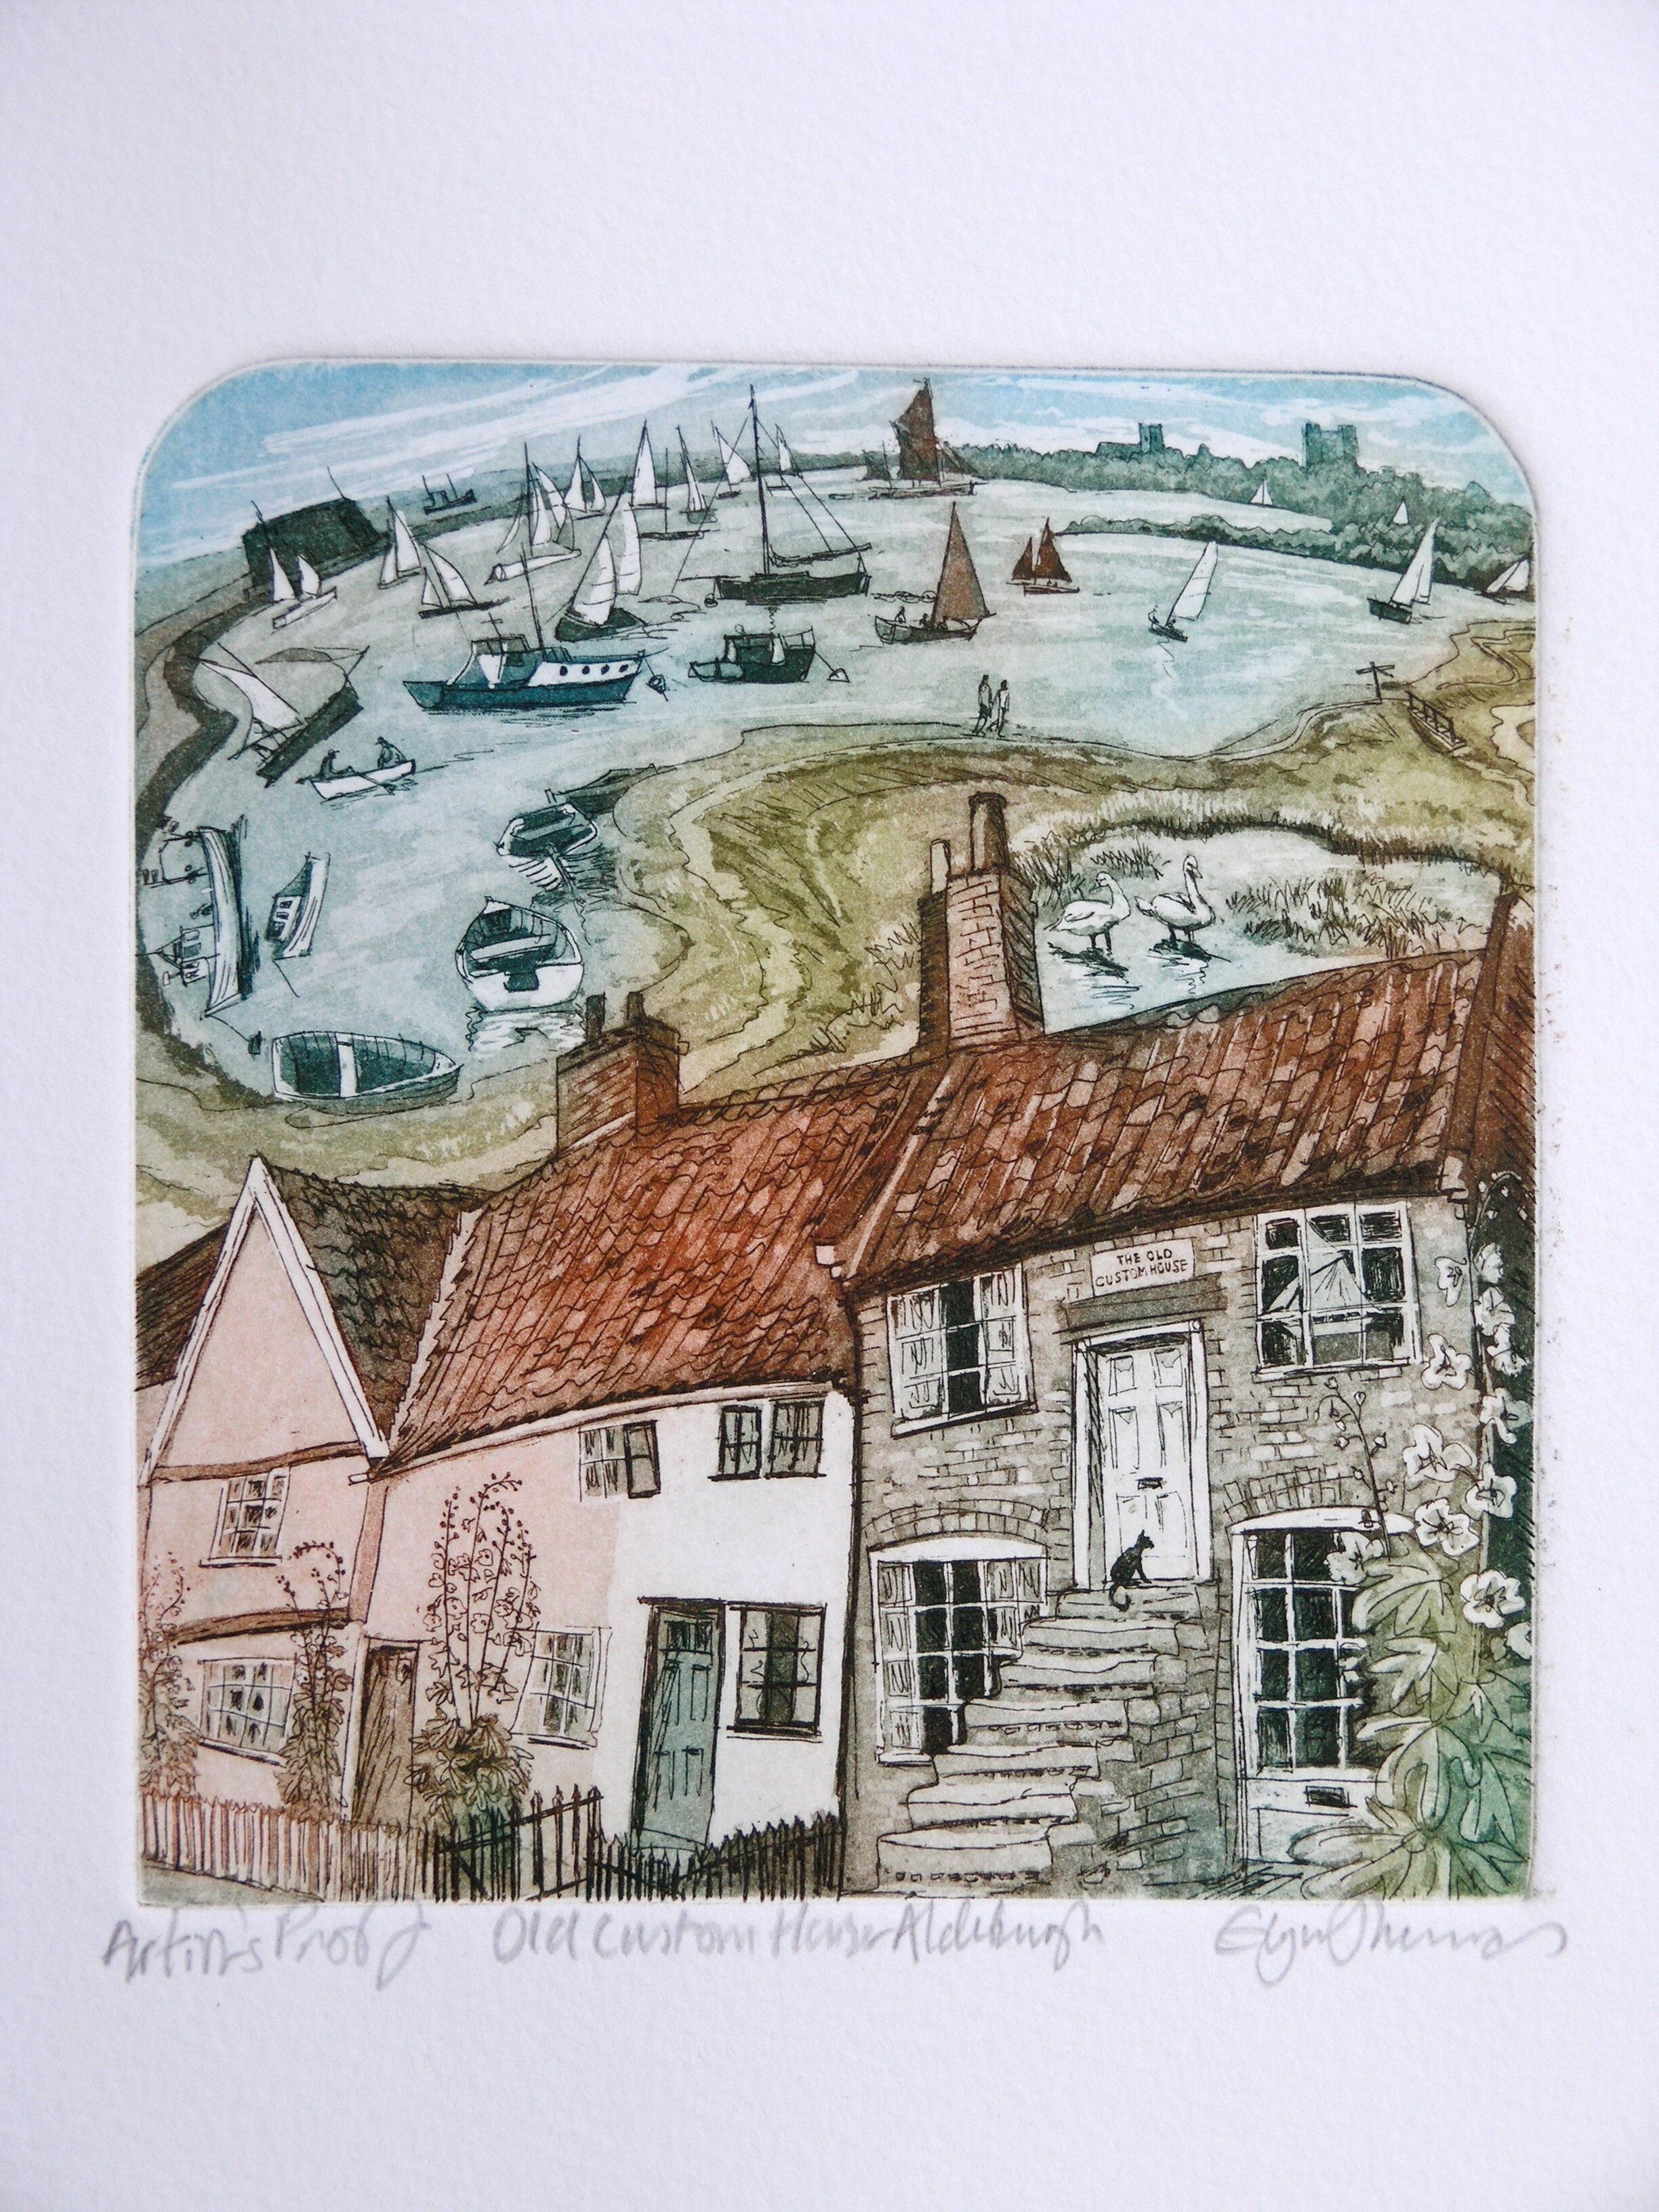 GlynnThomas_Old Custom House Aldeburgh.jpg